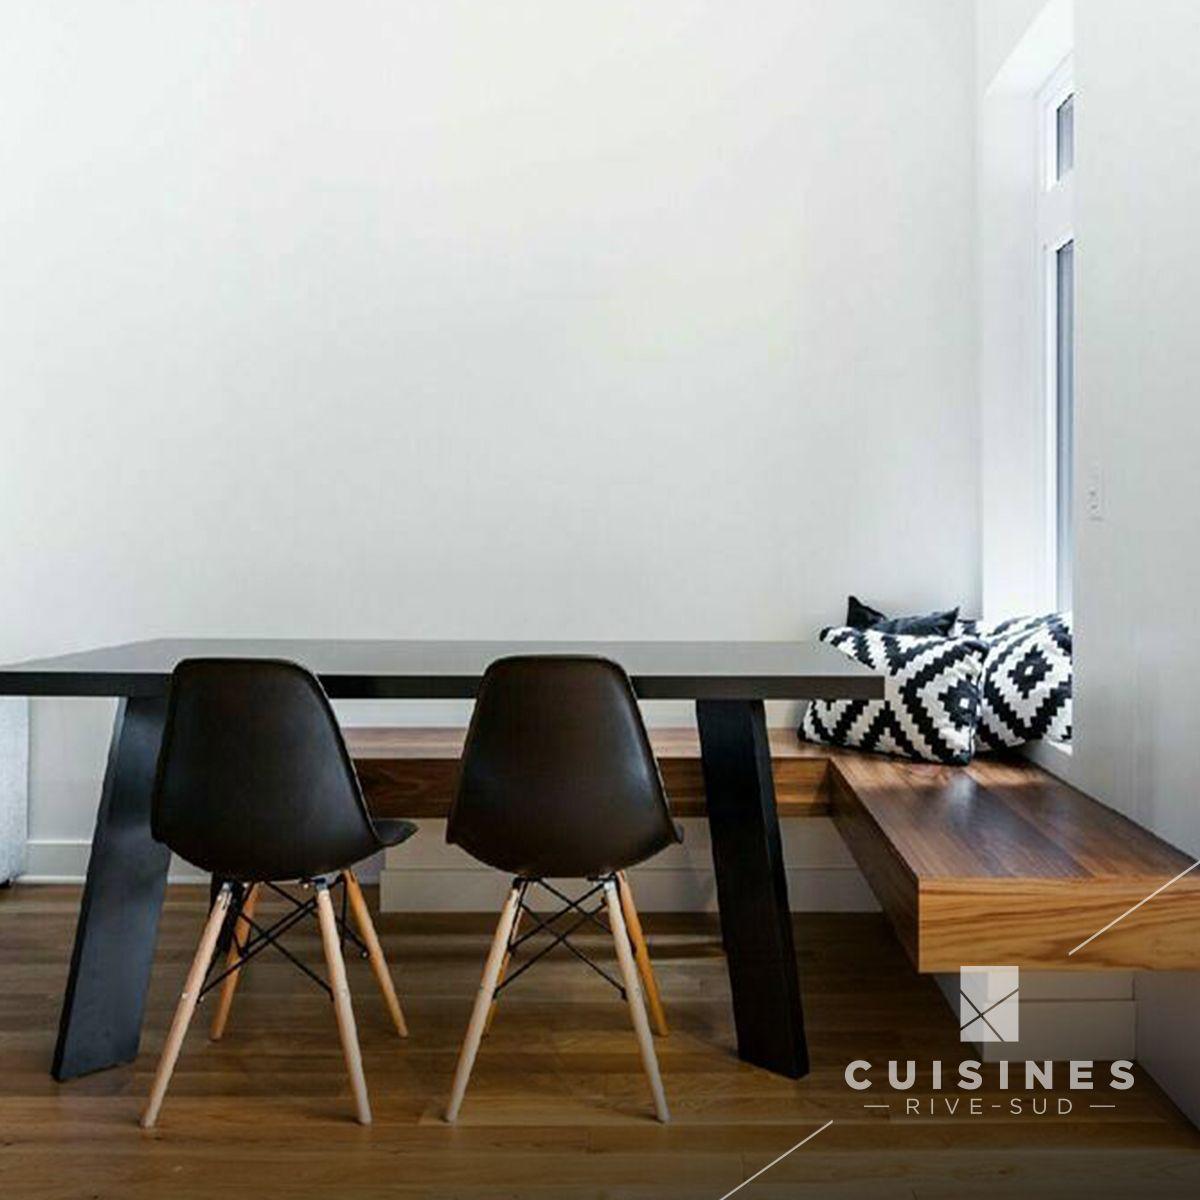 #dinningroom #salleamanger #salleàmanger #dinningroomideas #idéesalleàmanger #designinterieur #interiordesign #dinningtable #tableàdiner #tableàmanger #tablecuisine #table #banquette #banc #moderndesign #tablemoderne #chaises